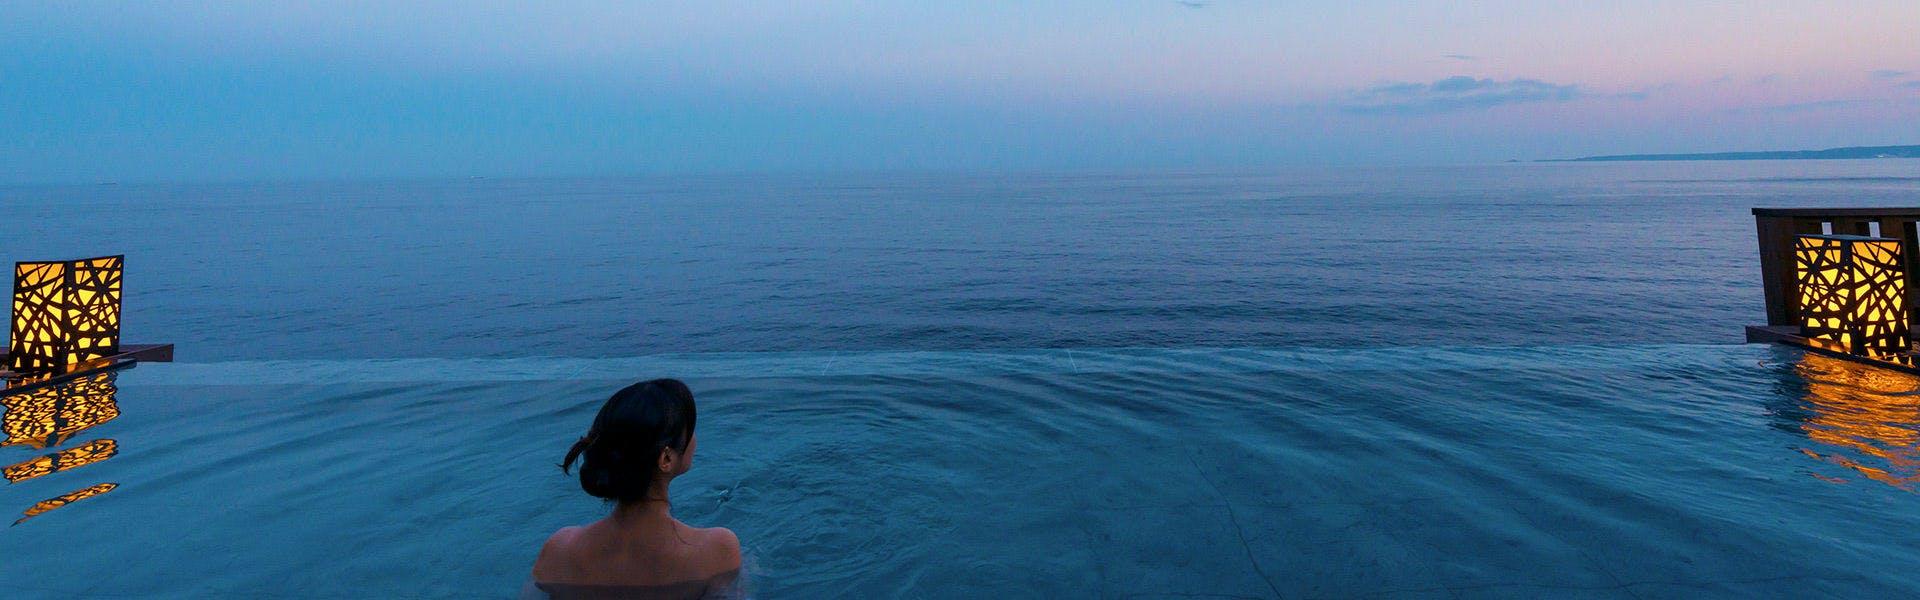 記念日におすすめのホテル・海一望絶景の宿 いなとり荘の写真1